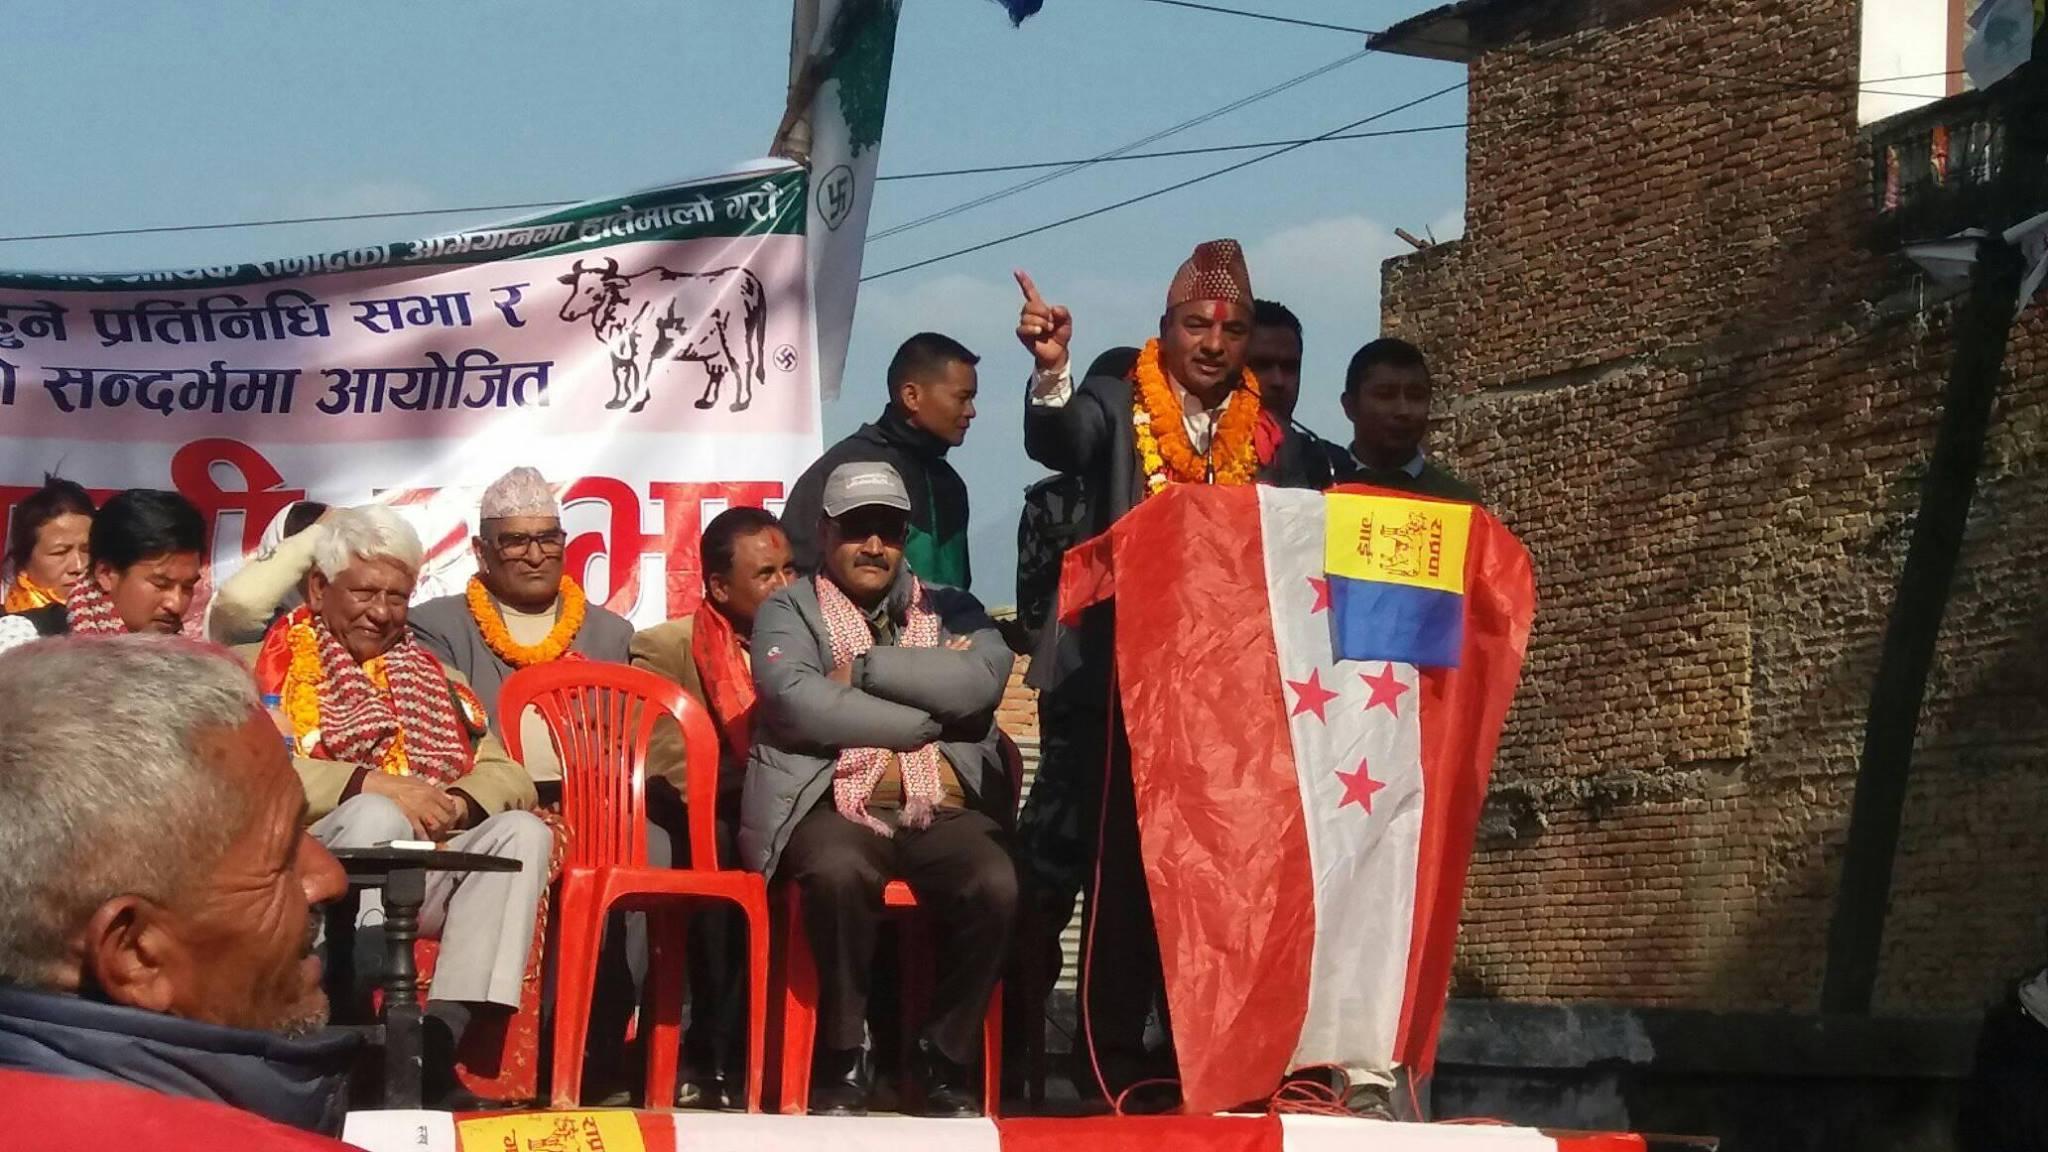 काठमाण्डौ ७ मा आफूले बाजी मार्ने लोकतान्त्रिक उम्मेदवारहरुको यस्तो छ आंकलन